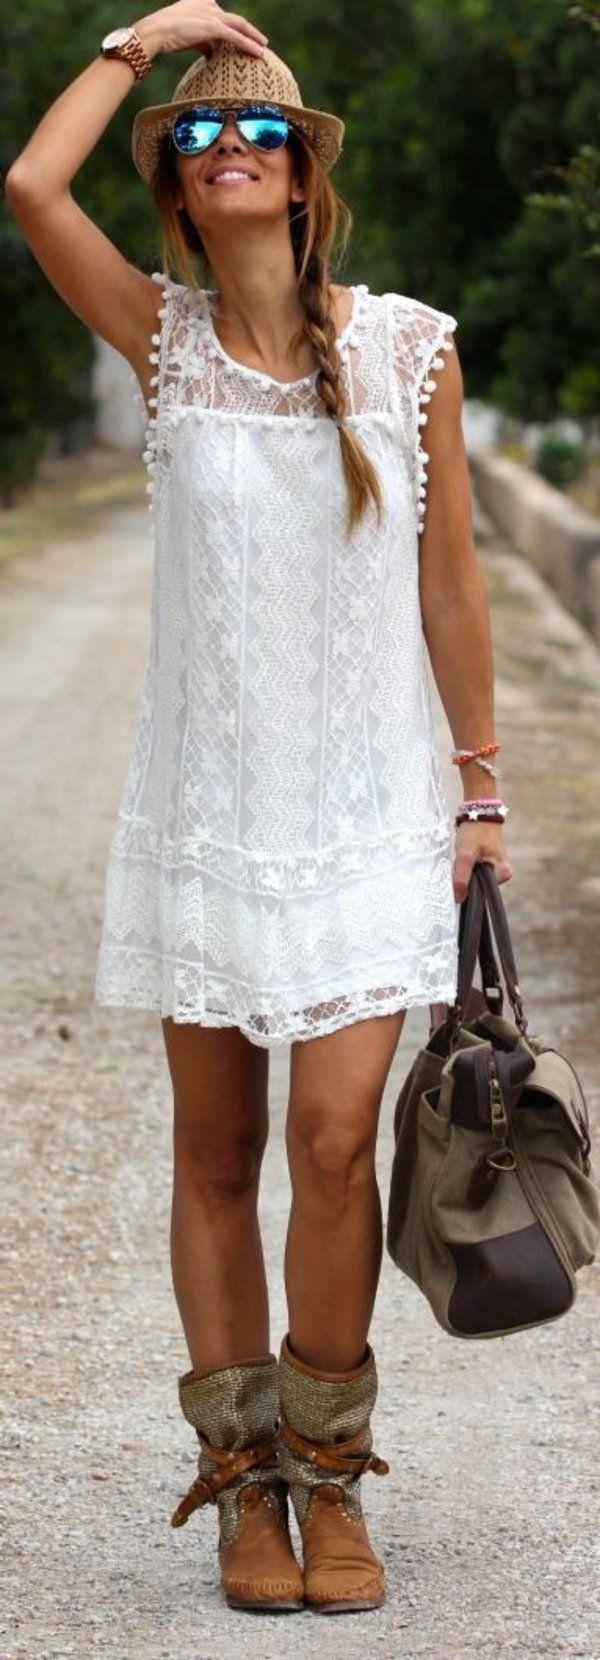 Comment portet la robe hippie chic robe hippie chic - Robe hippie chic dentelle ...